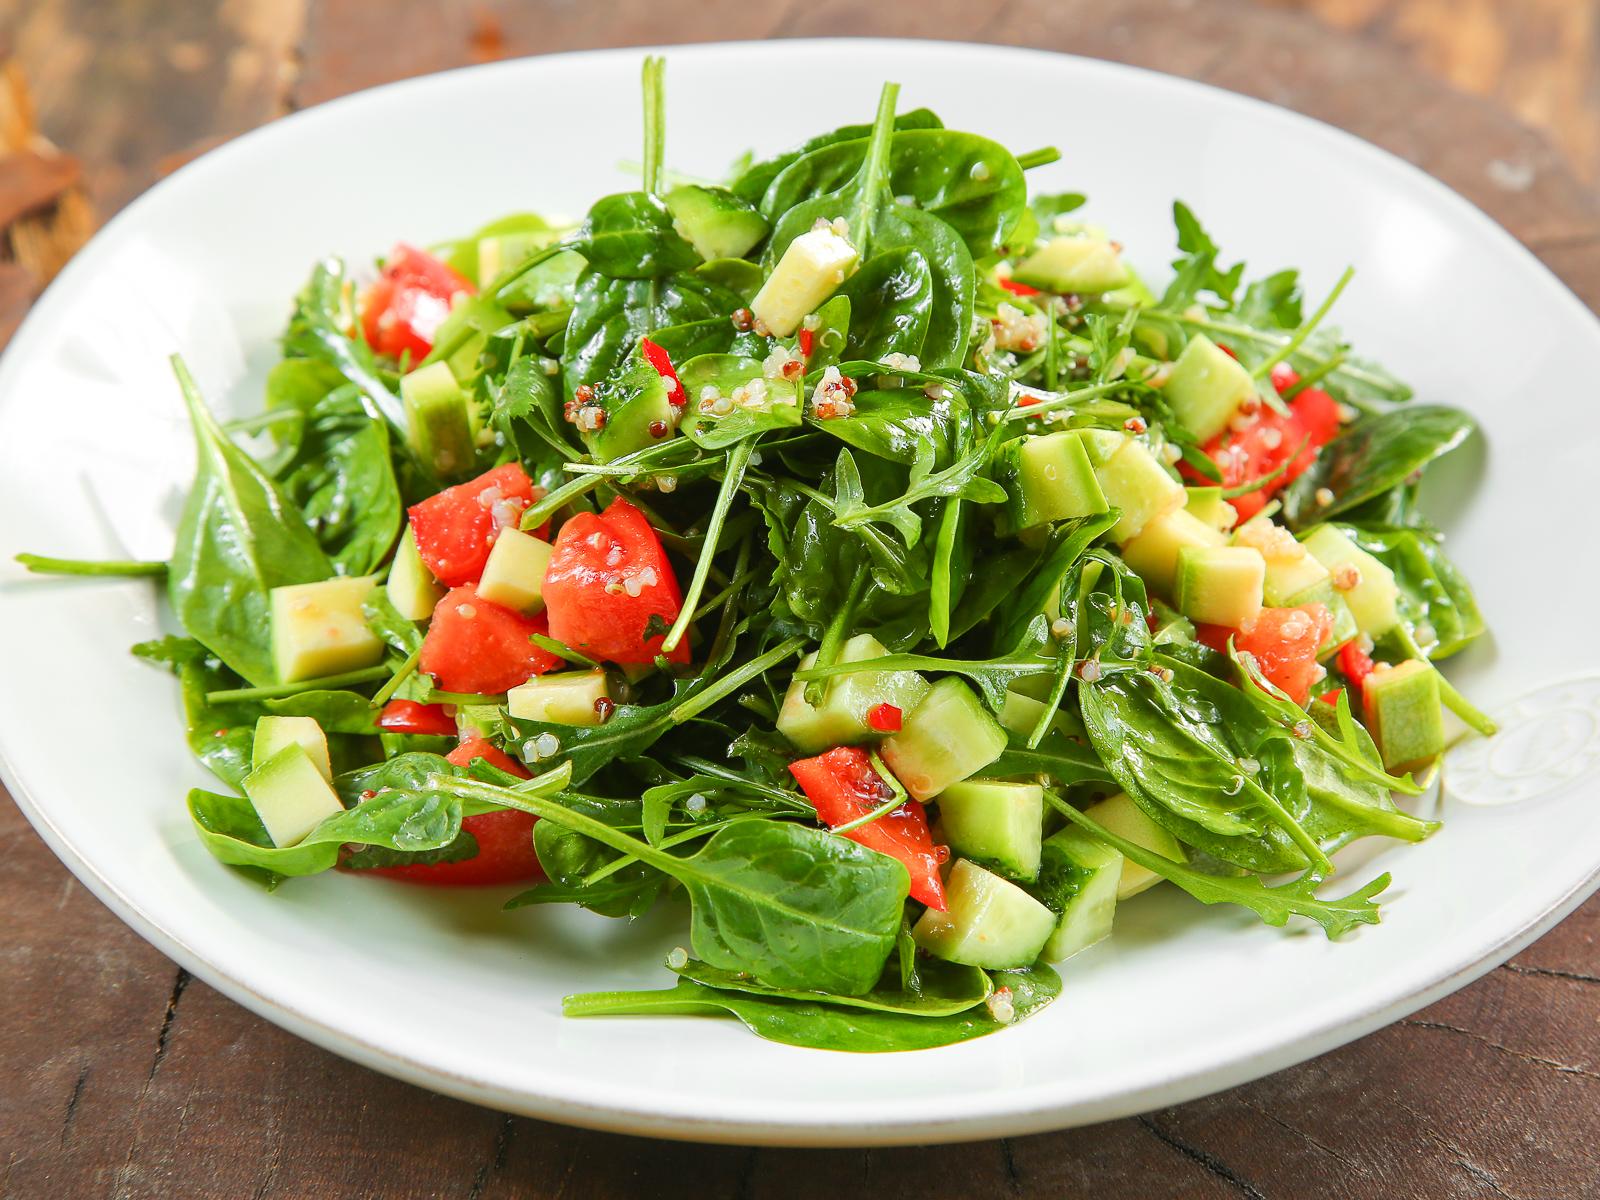 Салат из молодого шпината, киноа и томатов